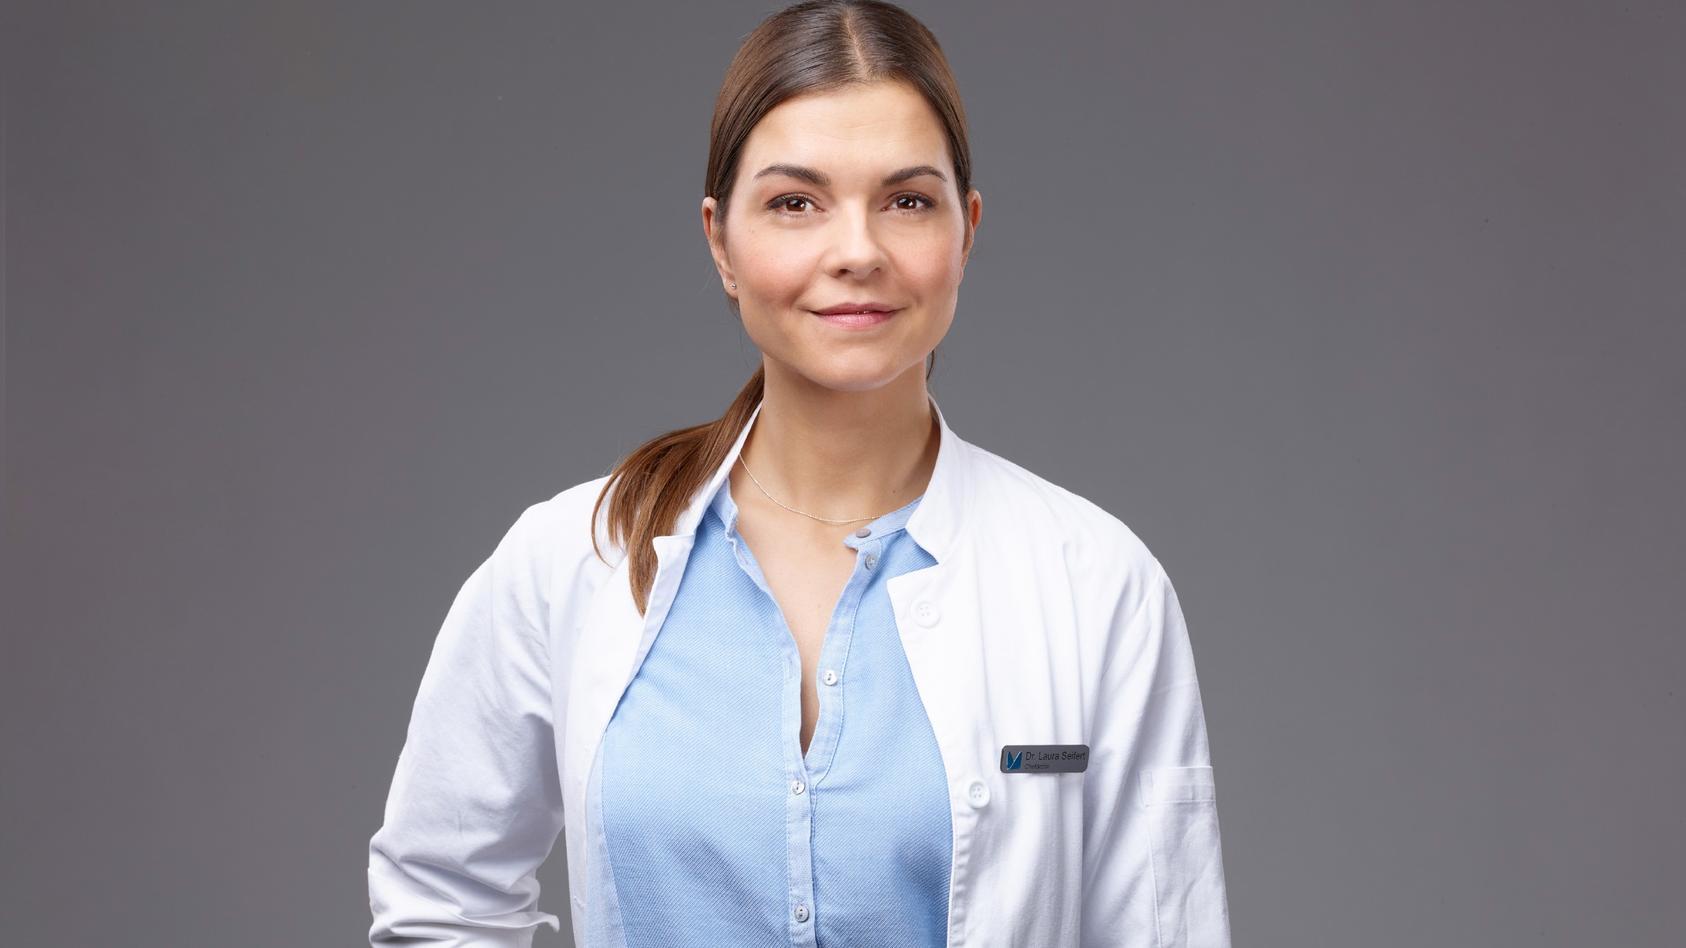 """Susan Hoecke spielt die Oberärztin Dr. Laura Seifert in """"Lifelines""""."""